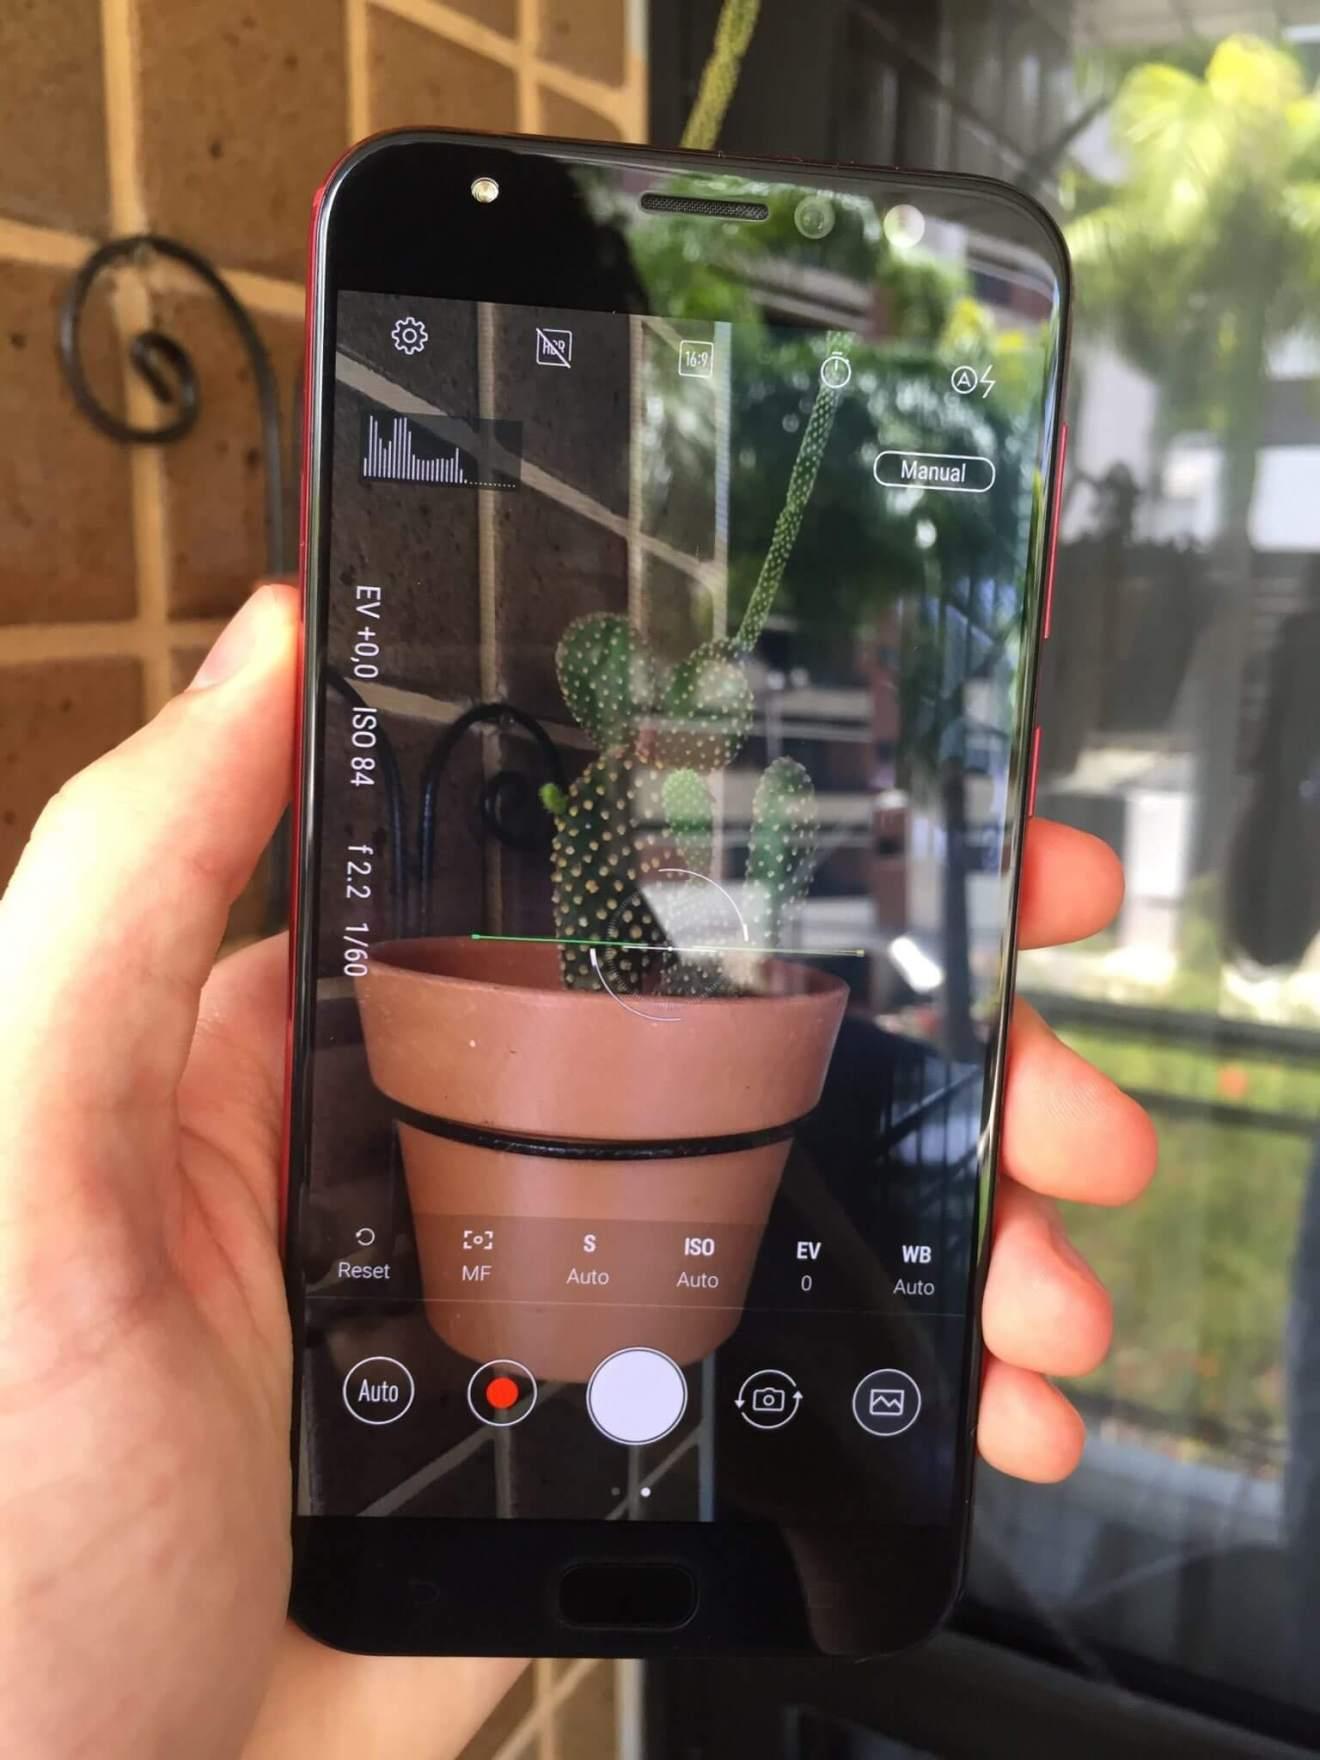 10 e1510163714527 - REVIEW: Zenfone 4 Selfie Pro é um sonho para os amantes de selfies